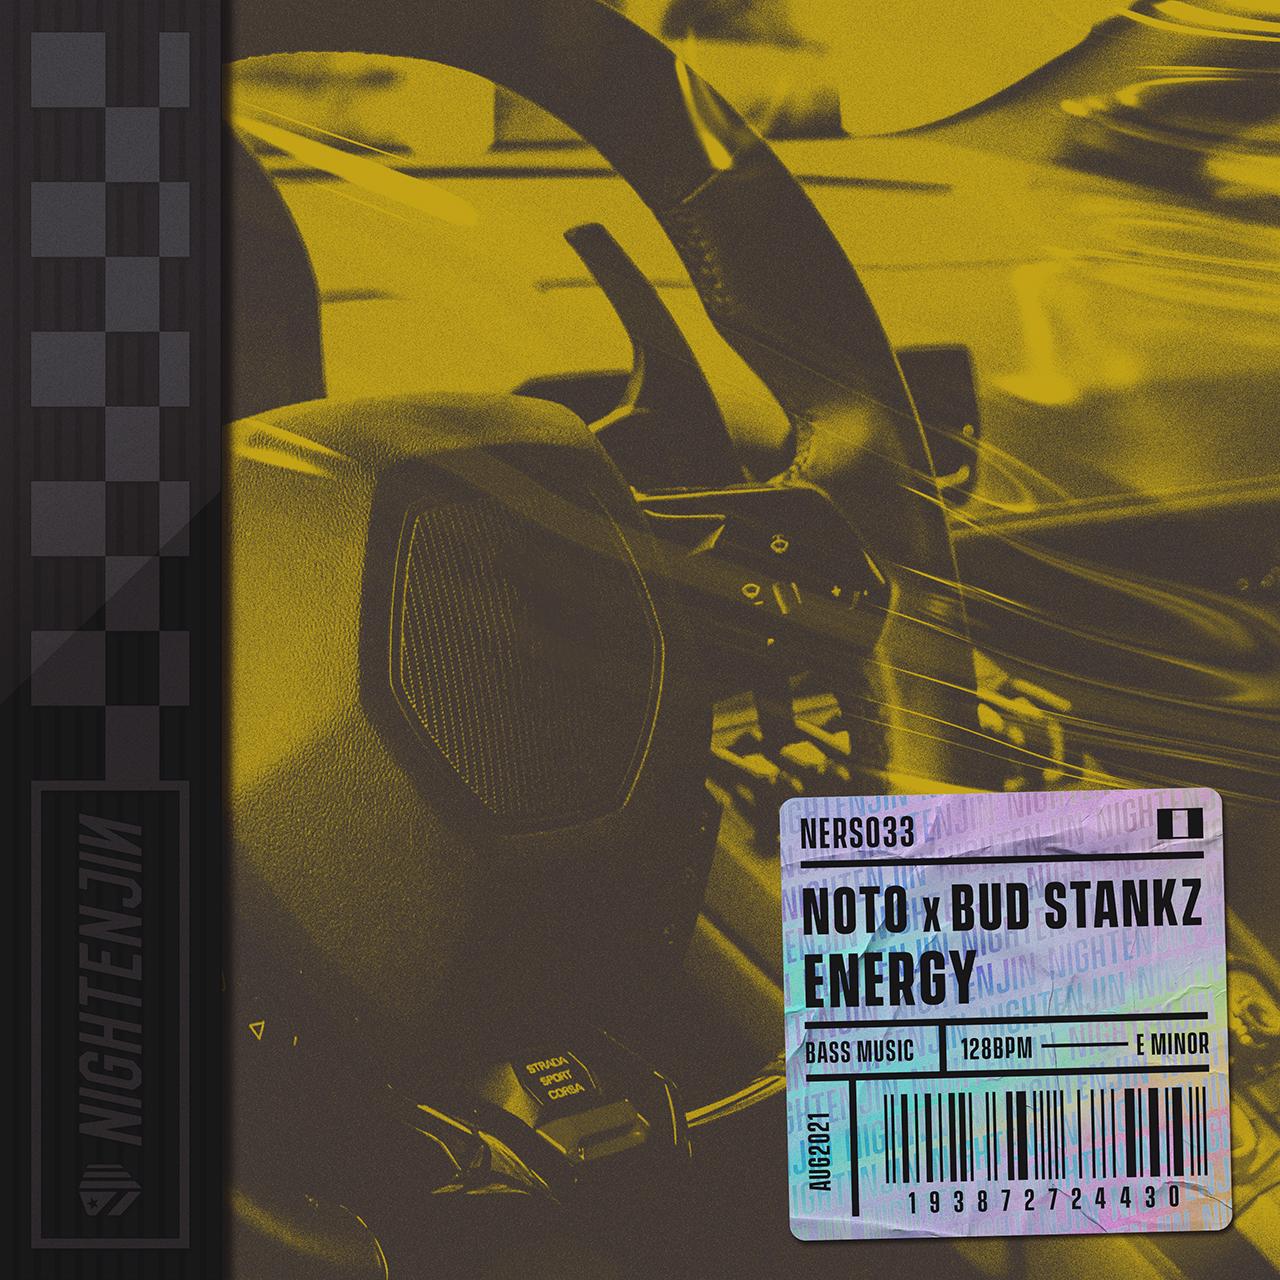 NOTO x Bud Stankz - Energy